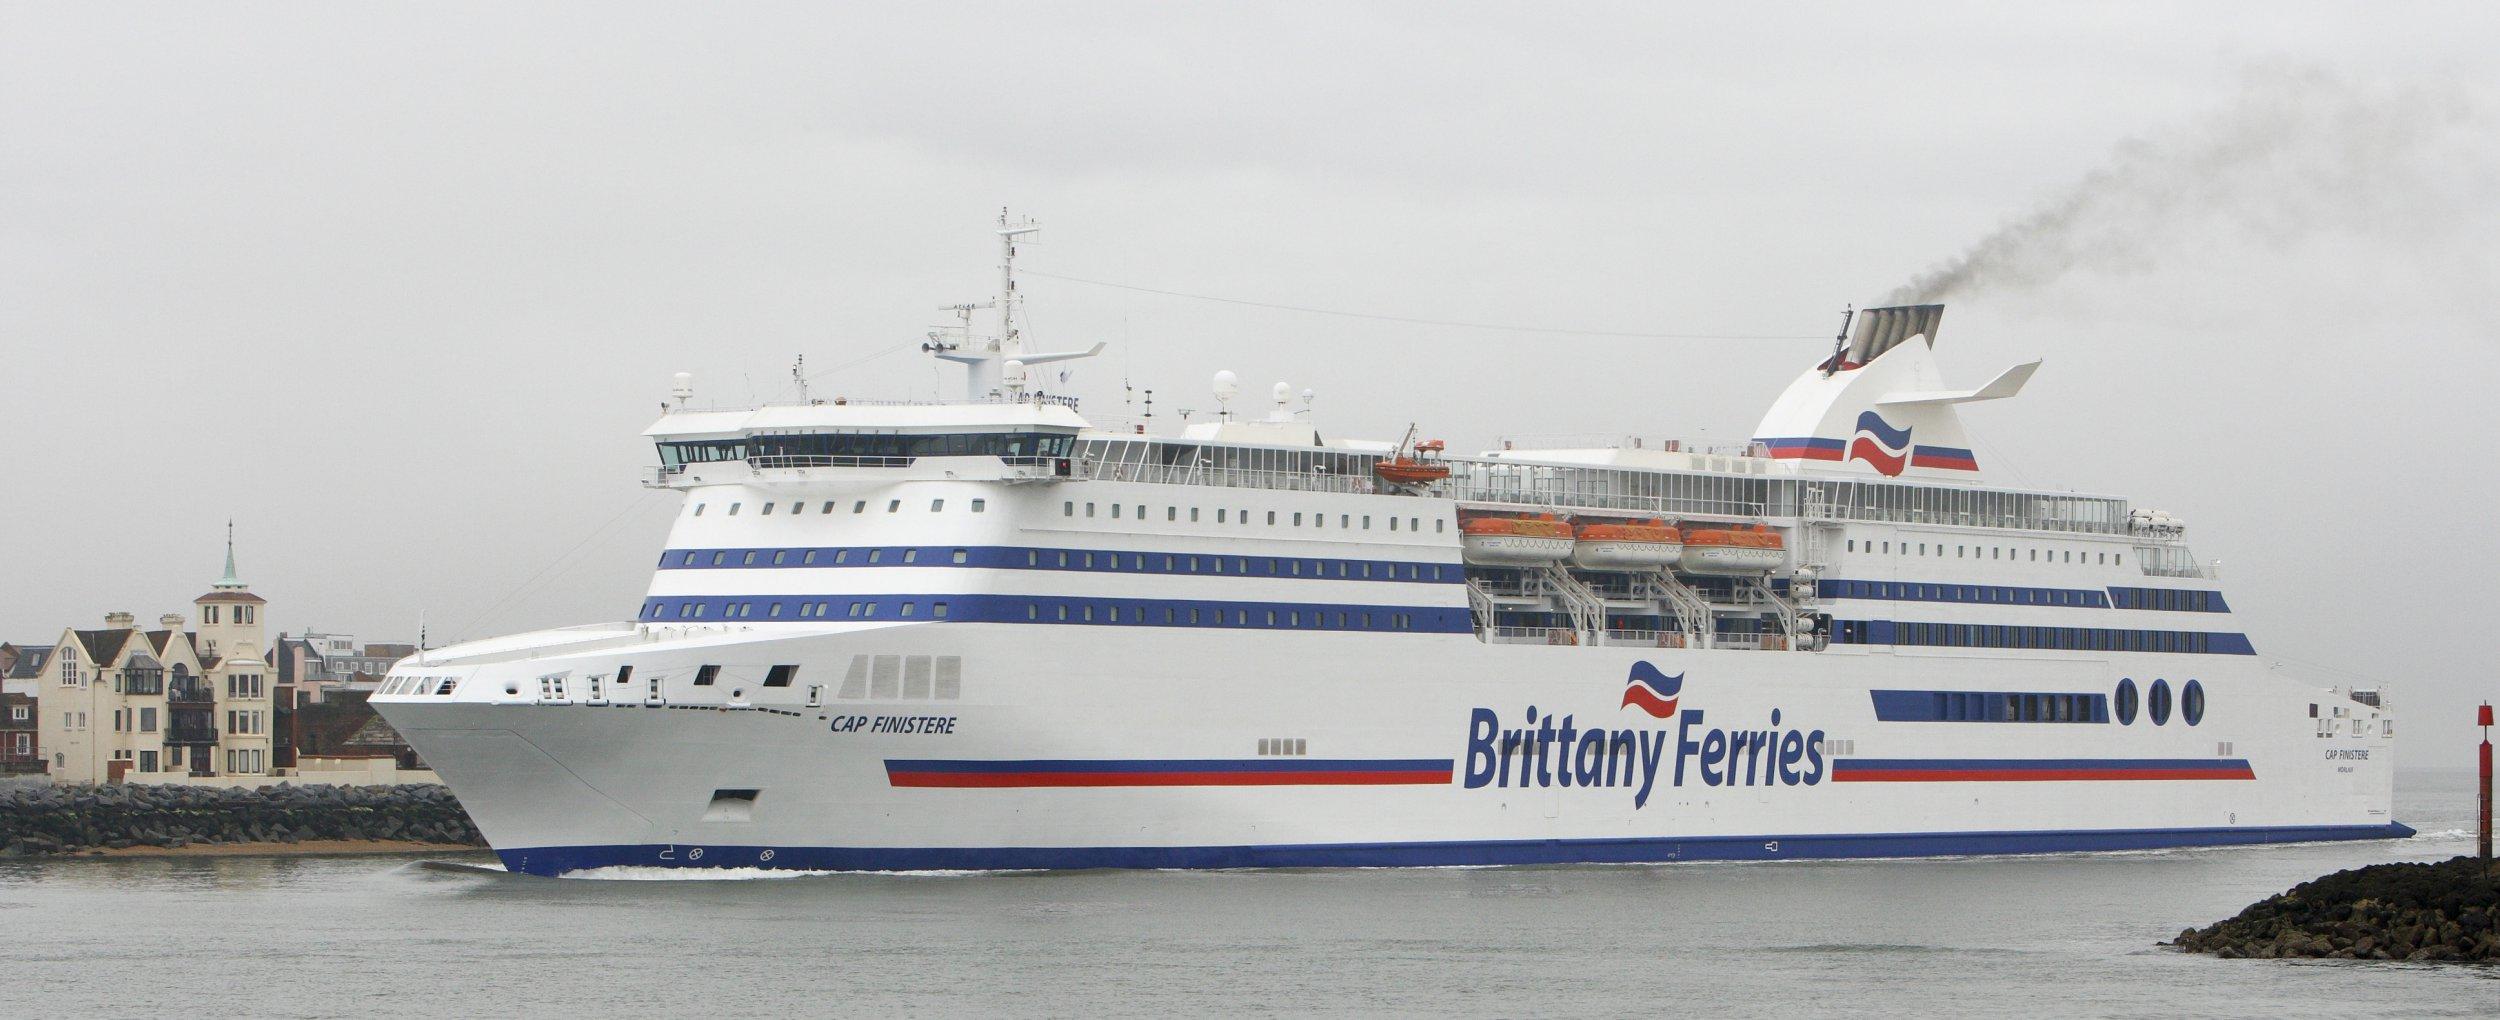 No-deal ferry crossings get underway despite Brexit delay